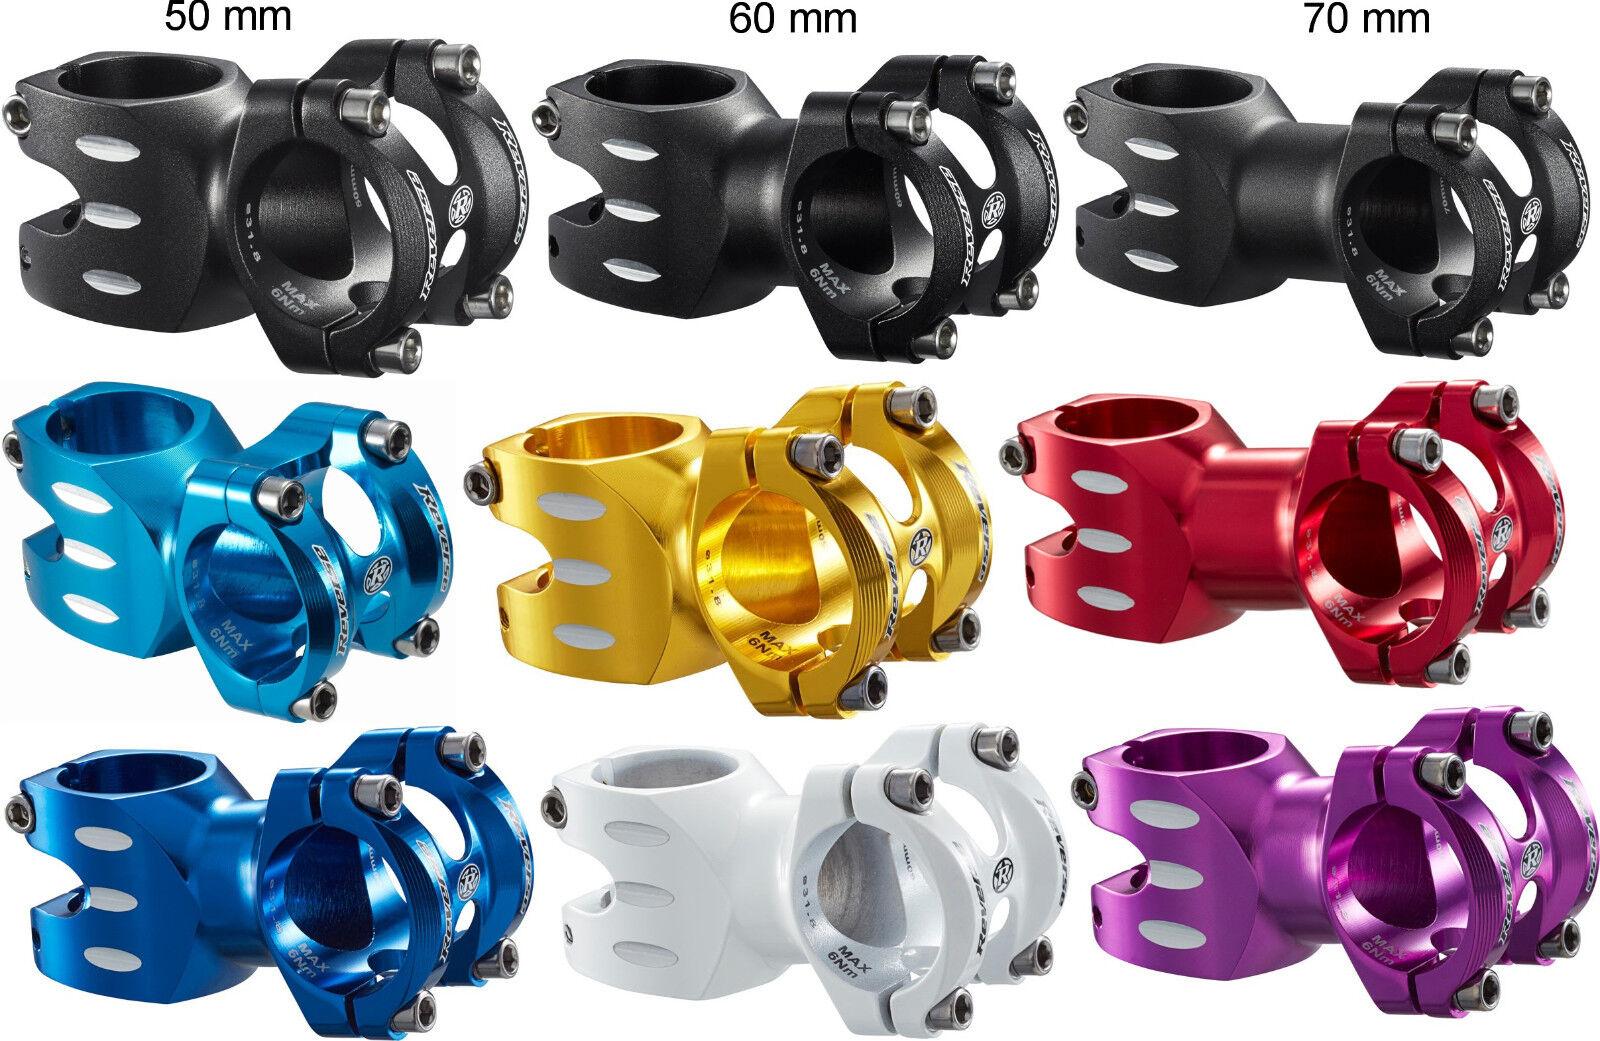 Vorbau Reverse S-Trail 8° 31,8 mm diverse Längen und Farben